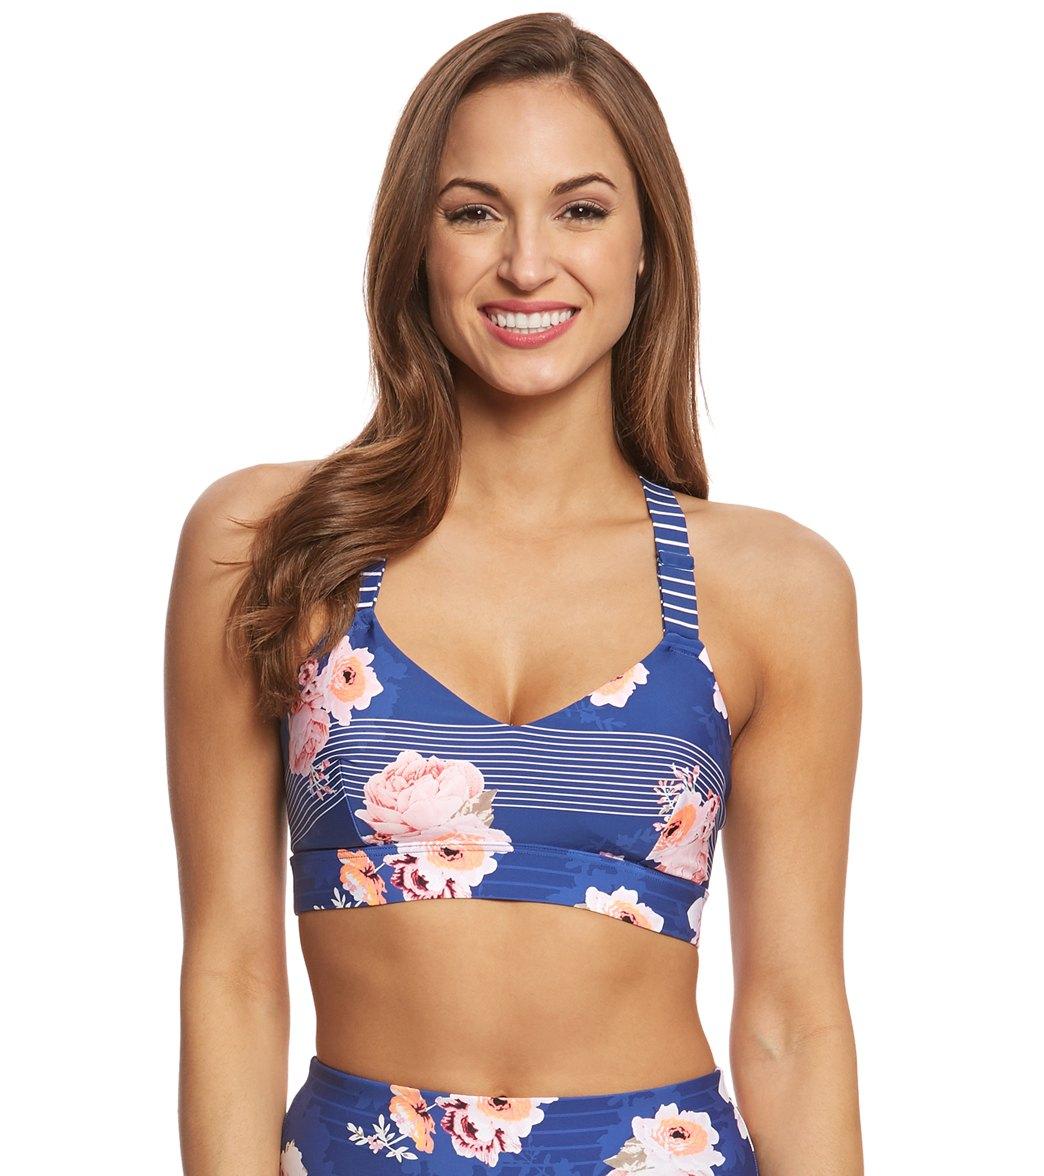 cf169d3d6f Seafolly Women's Vintage Wildflower Dance Bralette Bikini Top